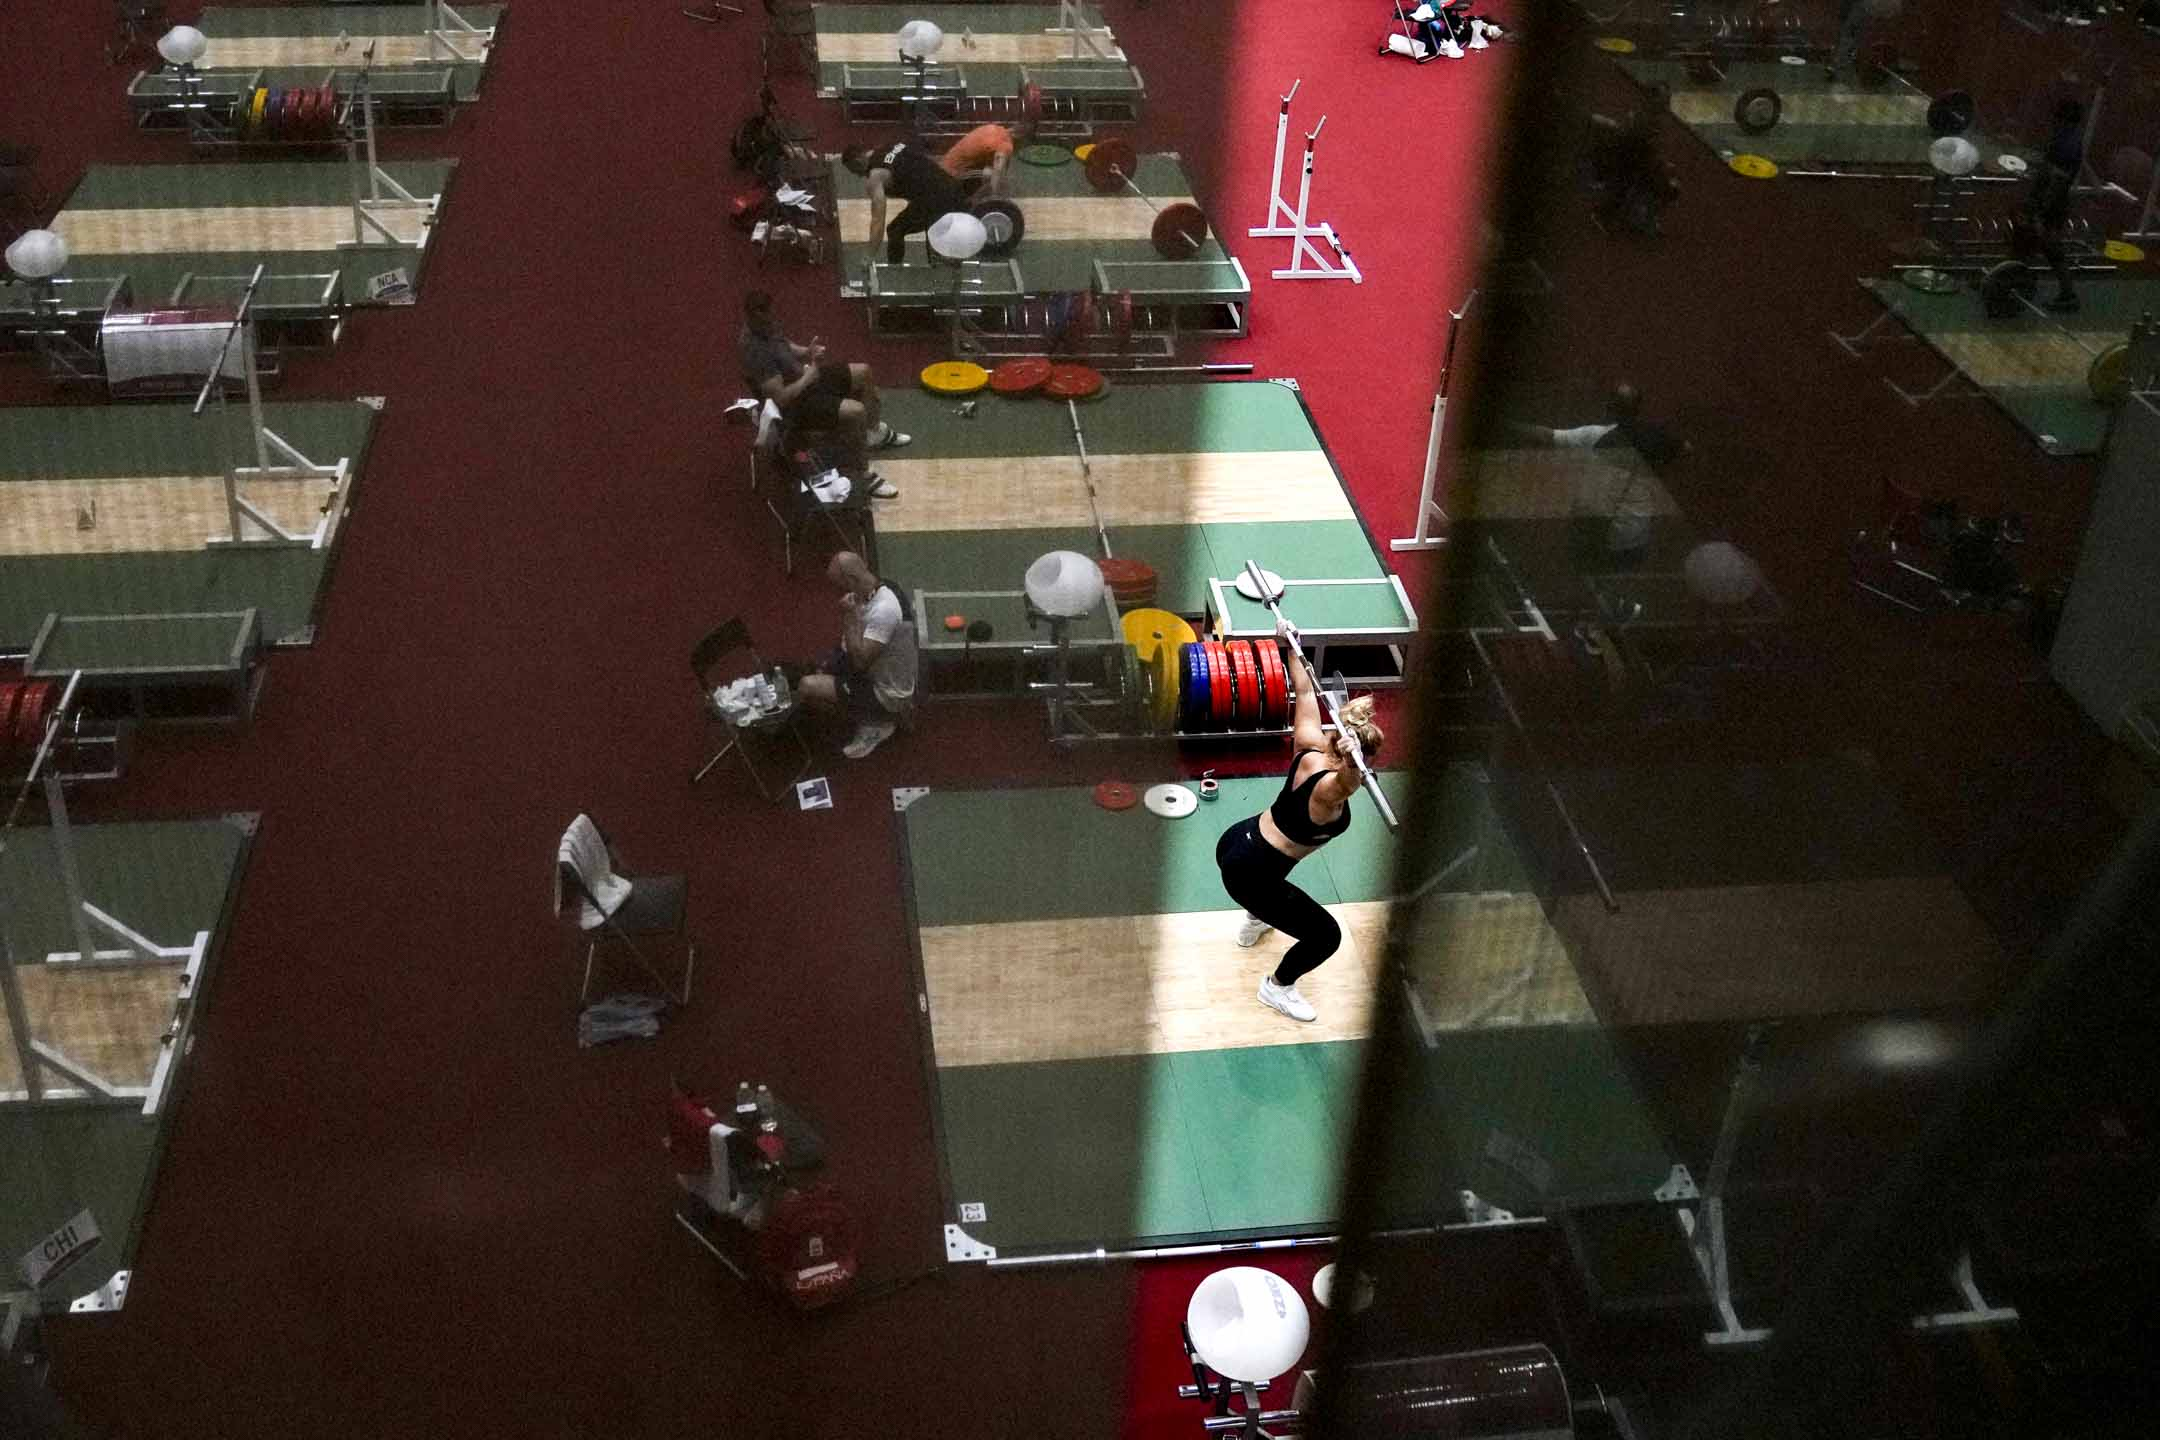 2021年7月20日,一名運動員在東京舉行的2020年奧運會舉重訓練館內練習。 攝:Petr David Josek/AP/達志影像